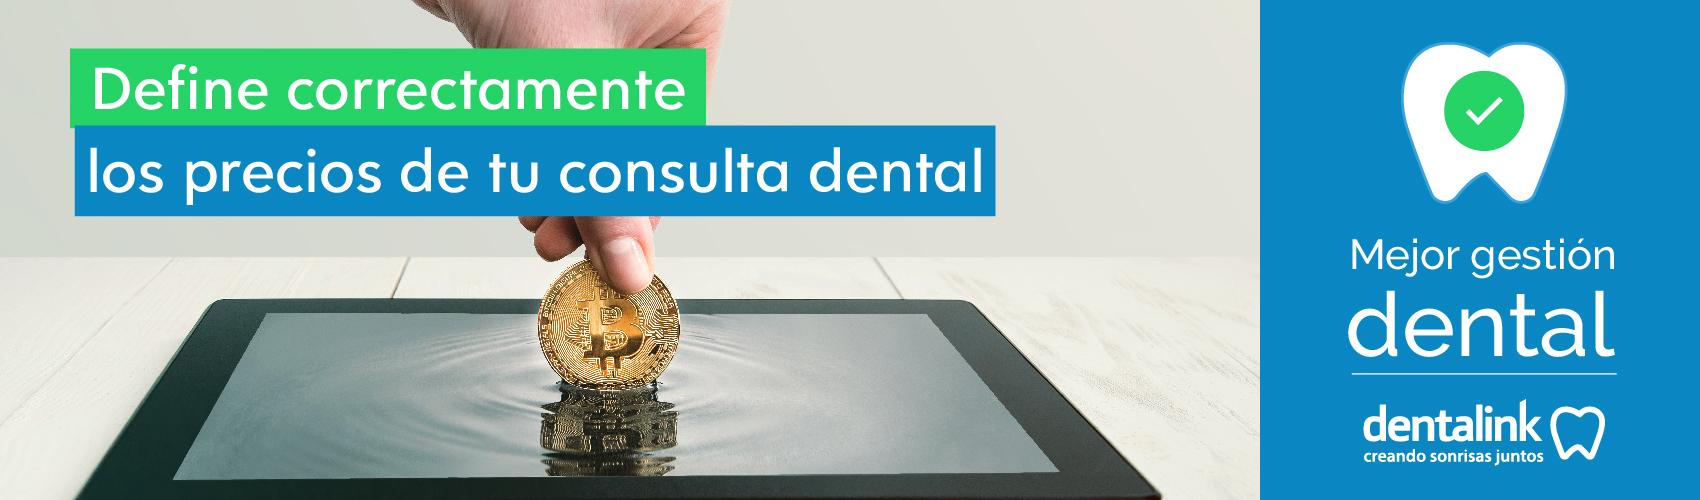 Cómo definir los precios y servicios en mi consulta dental